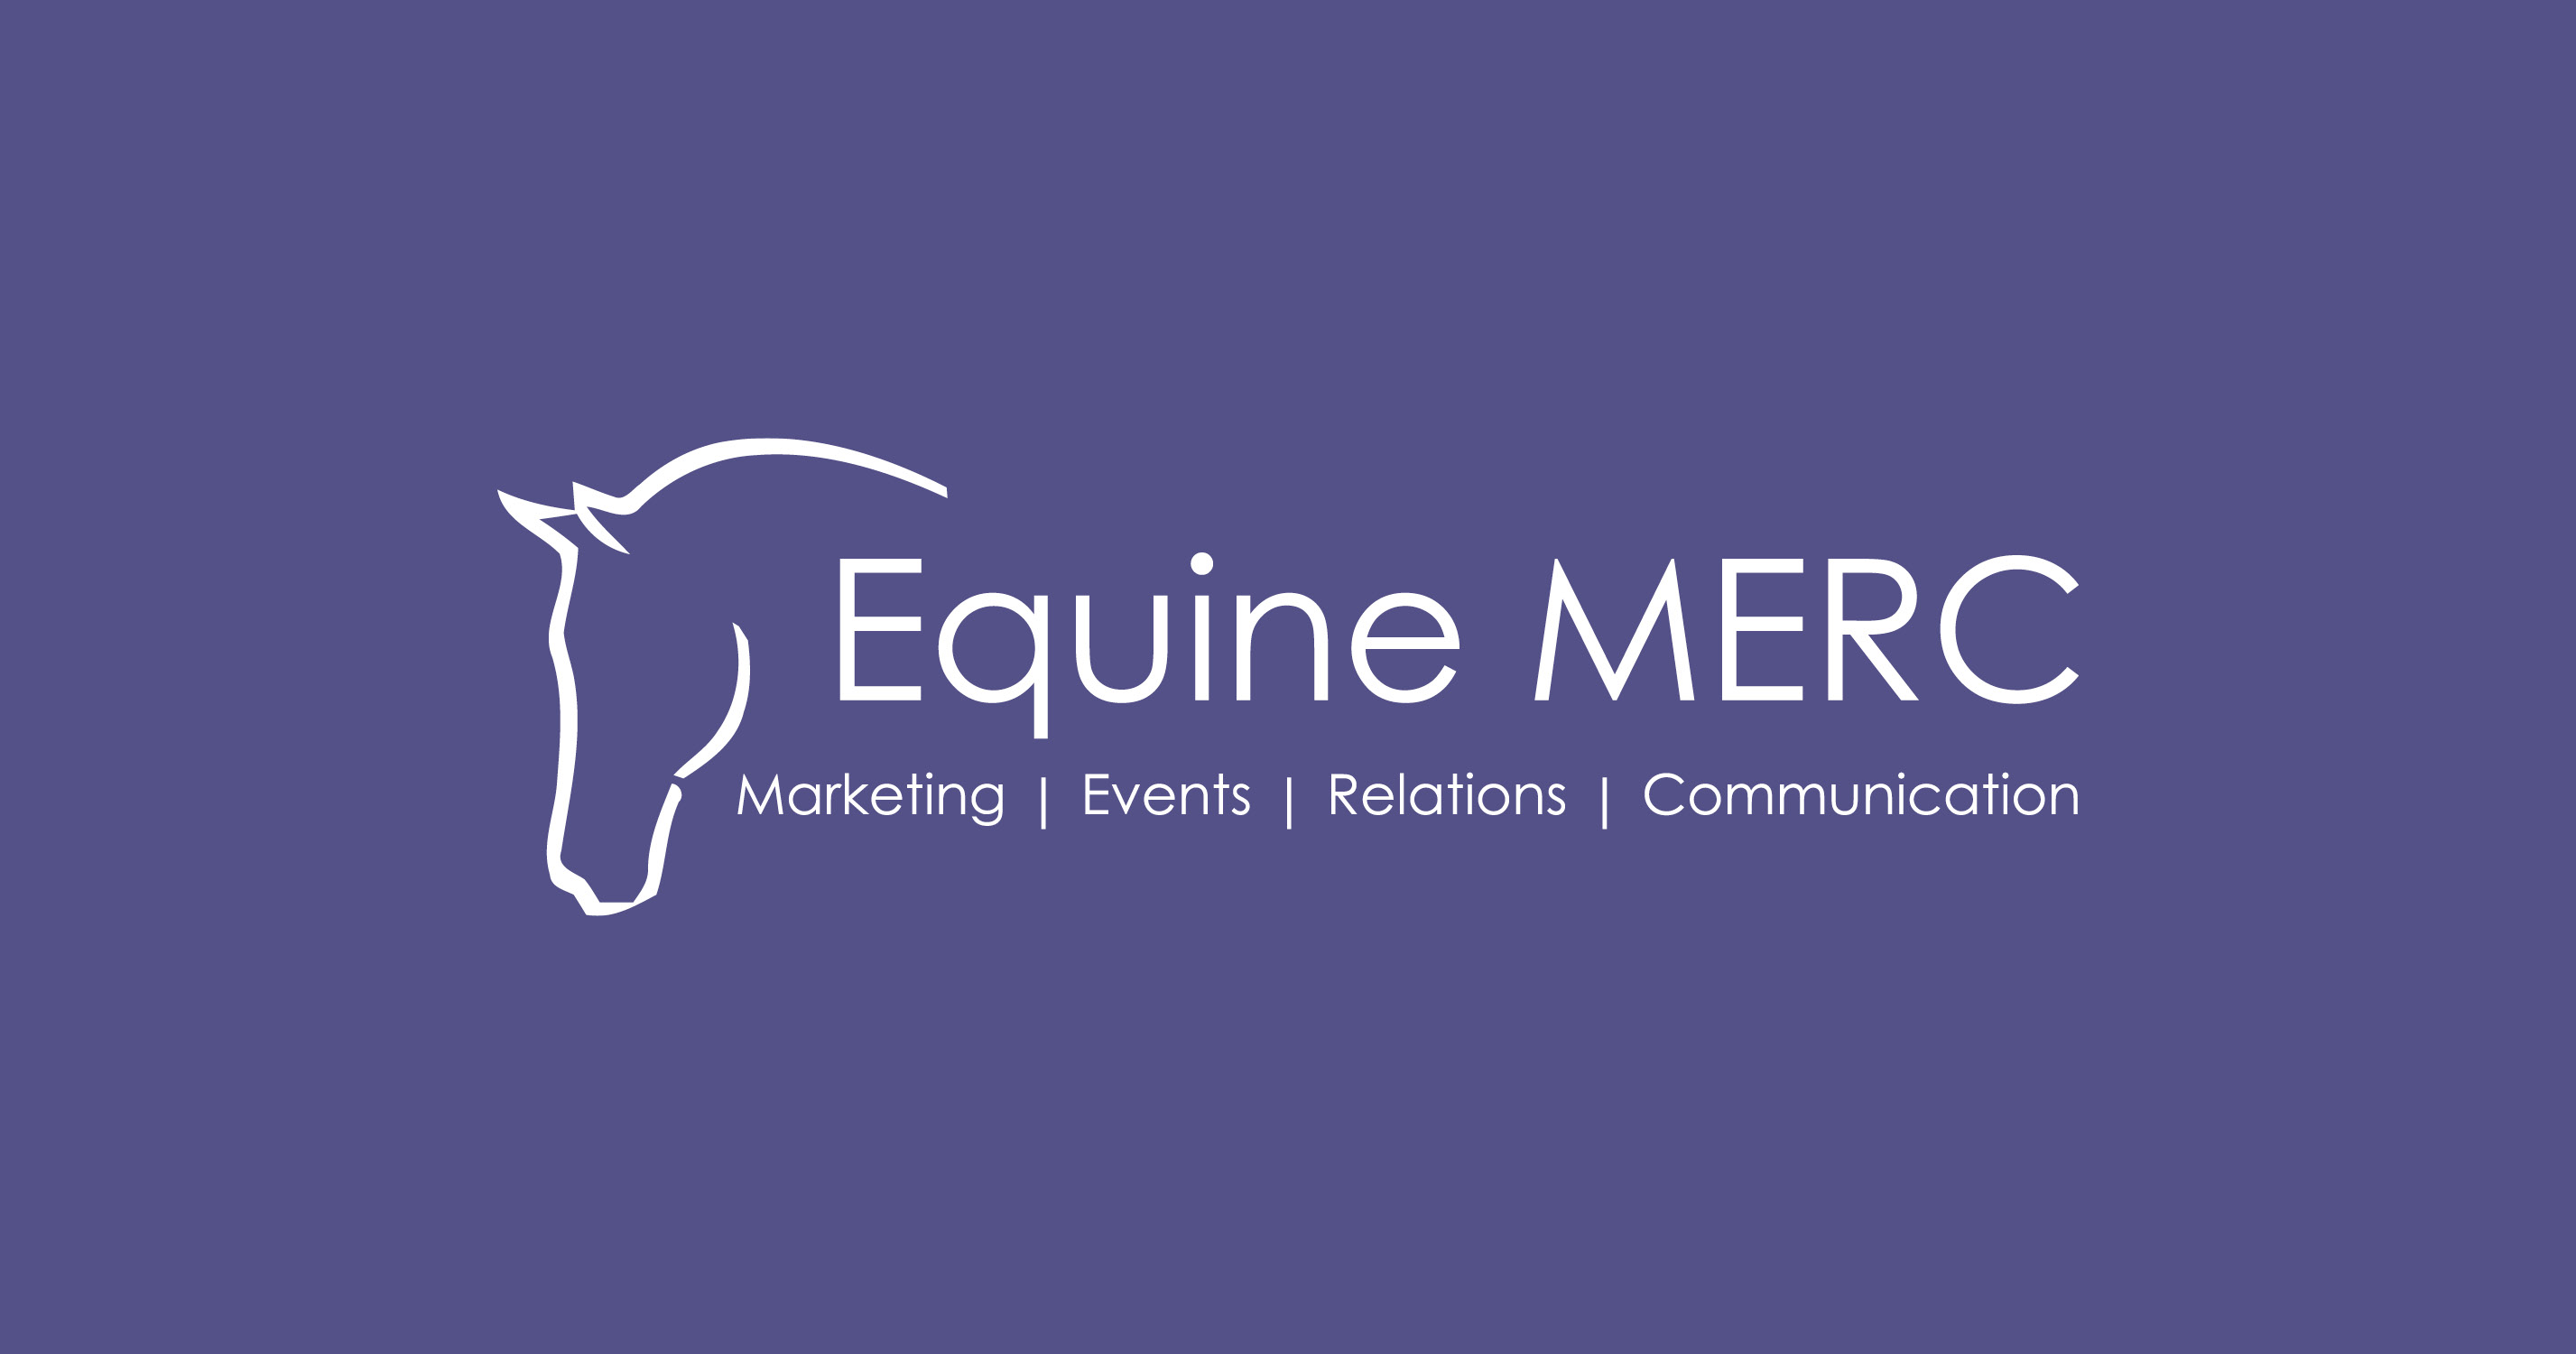 Equine MERC